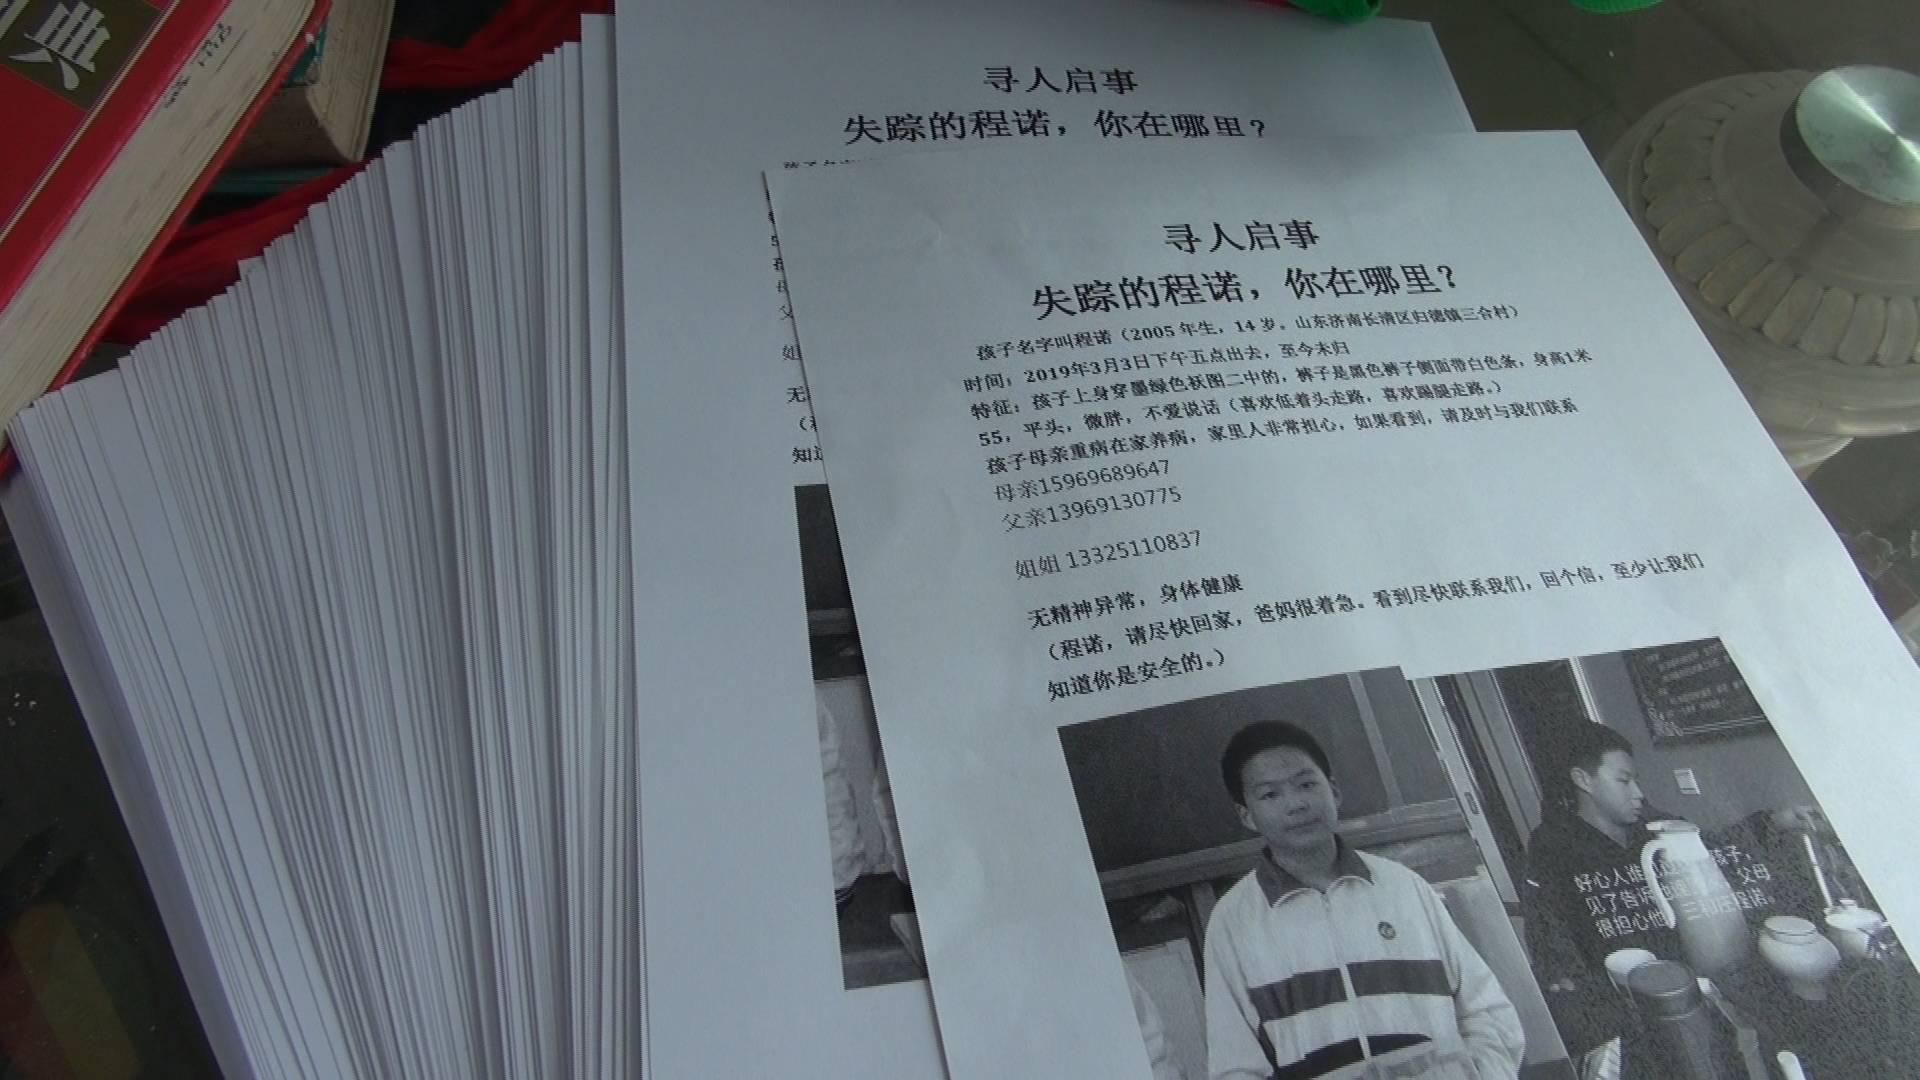 闪电寻人|请扩散!济南14岁男孩已失踪一周 音讯全无